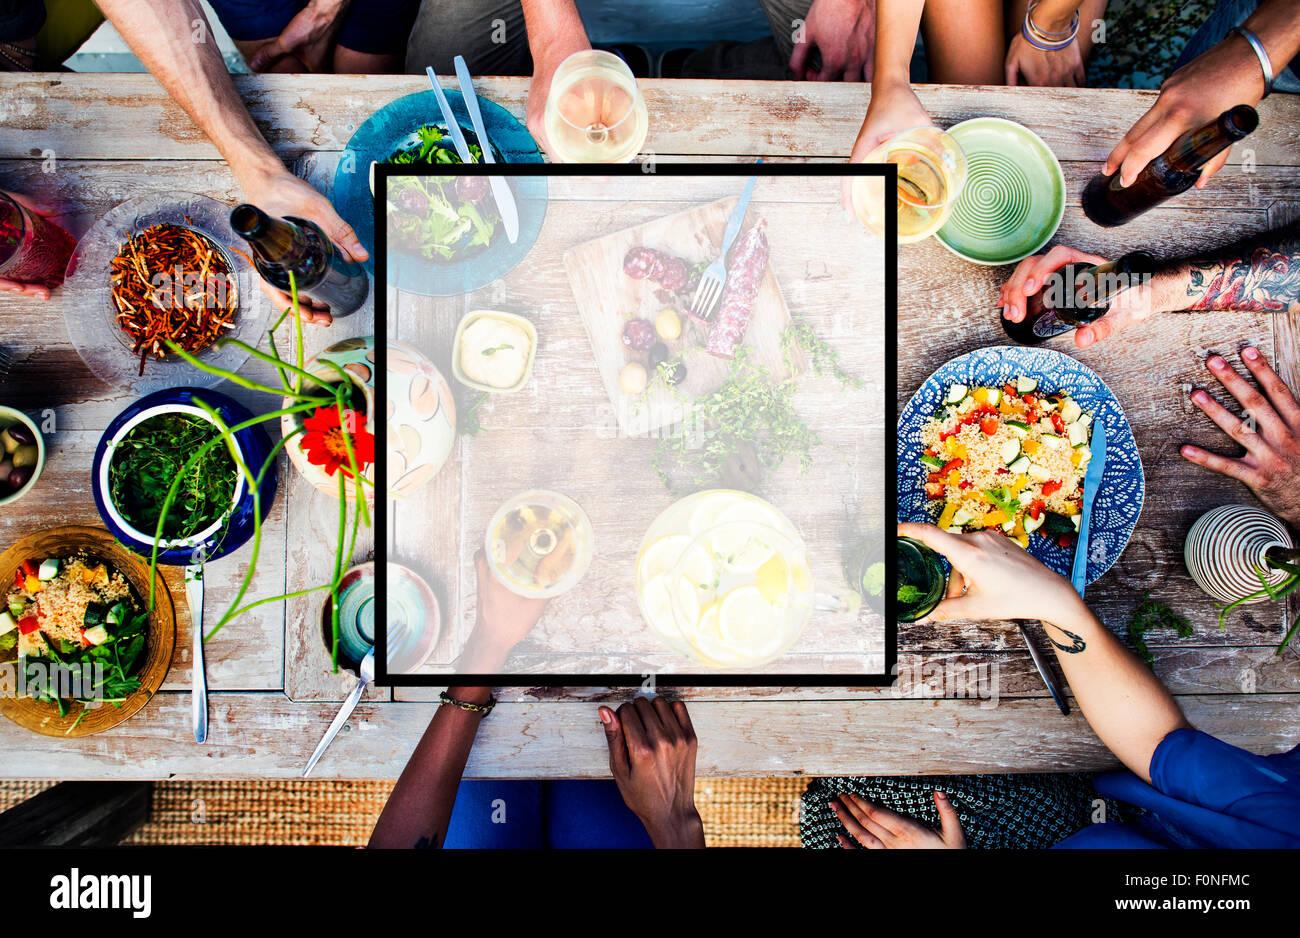 Ensemble d'été carré amitié copie Espace Concept Photo Stock